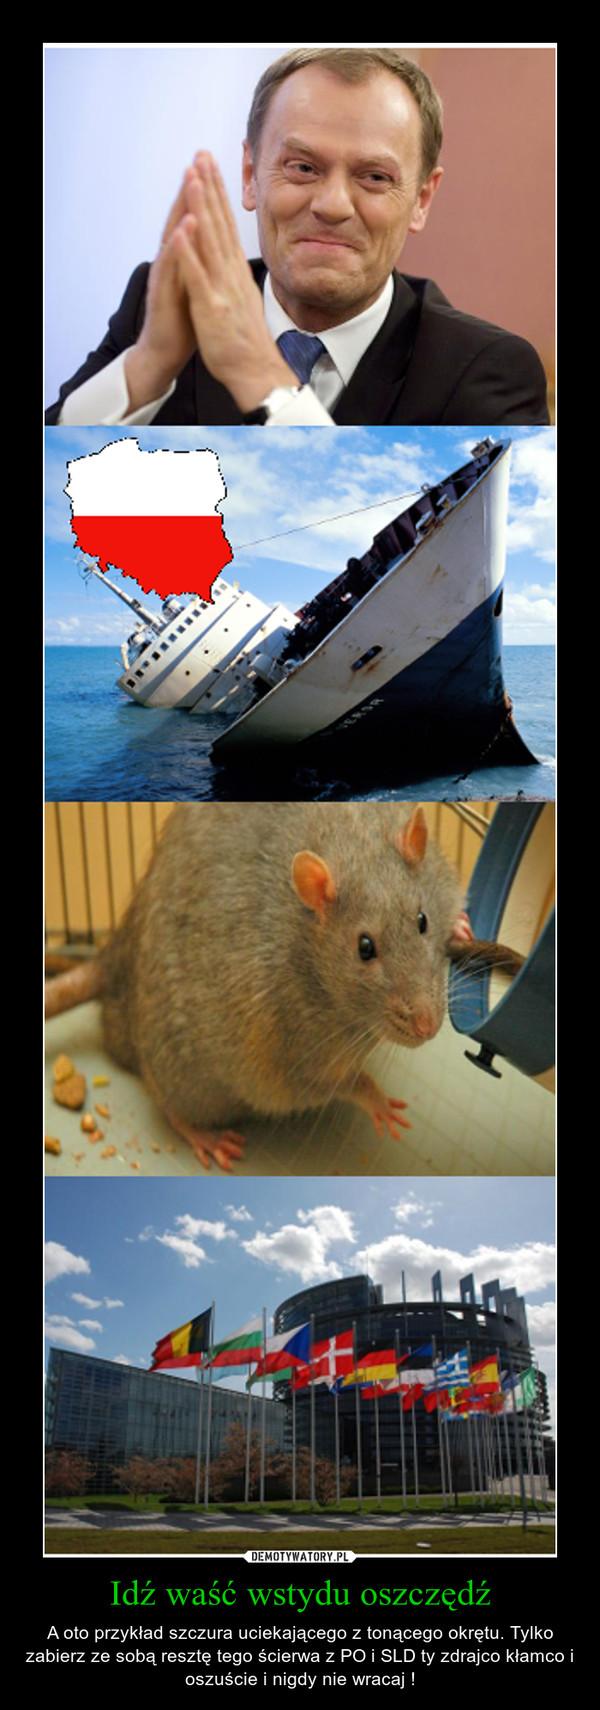 Idź waść wstydu oszczędź – A oto przykład szczura uciekającego z tonącego okrętu. Tylko zabierz ze sobą resztę tego ścierwa z PO i SLD ty zdrajco kłamco i oszuście i nigdy nie wracaj !